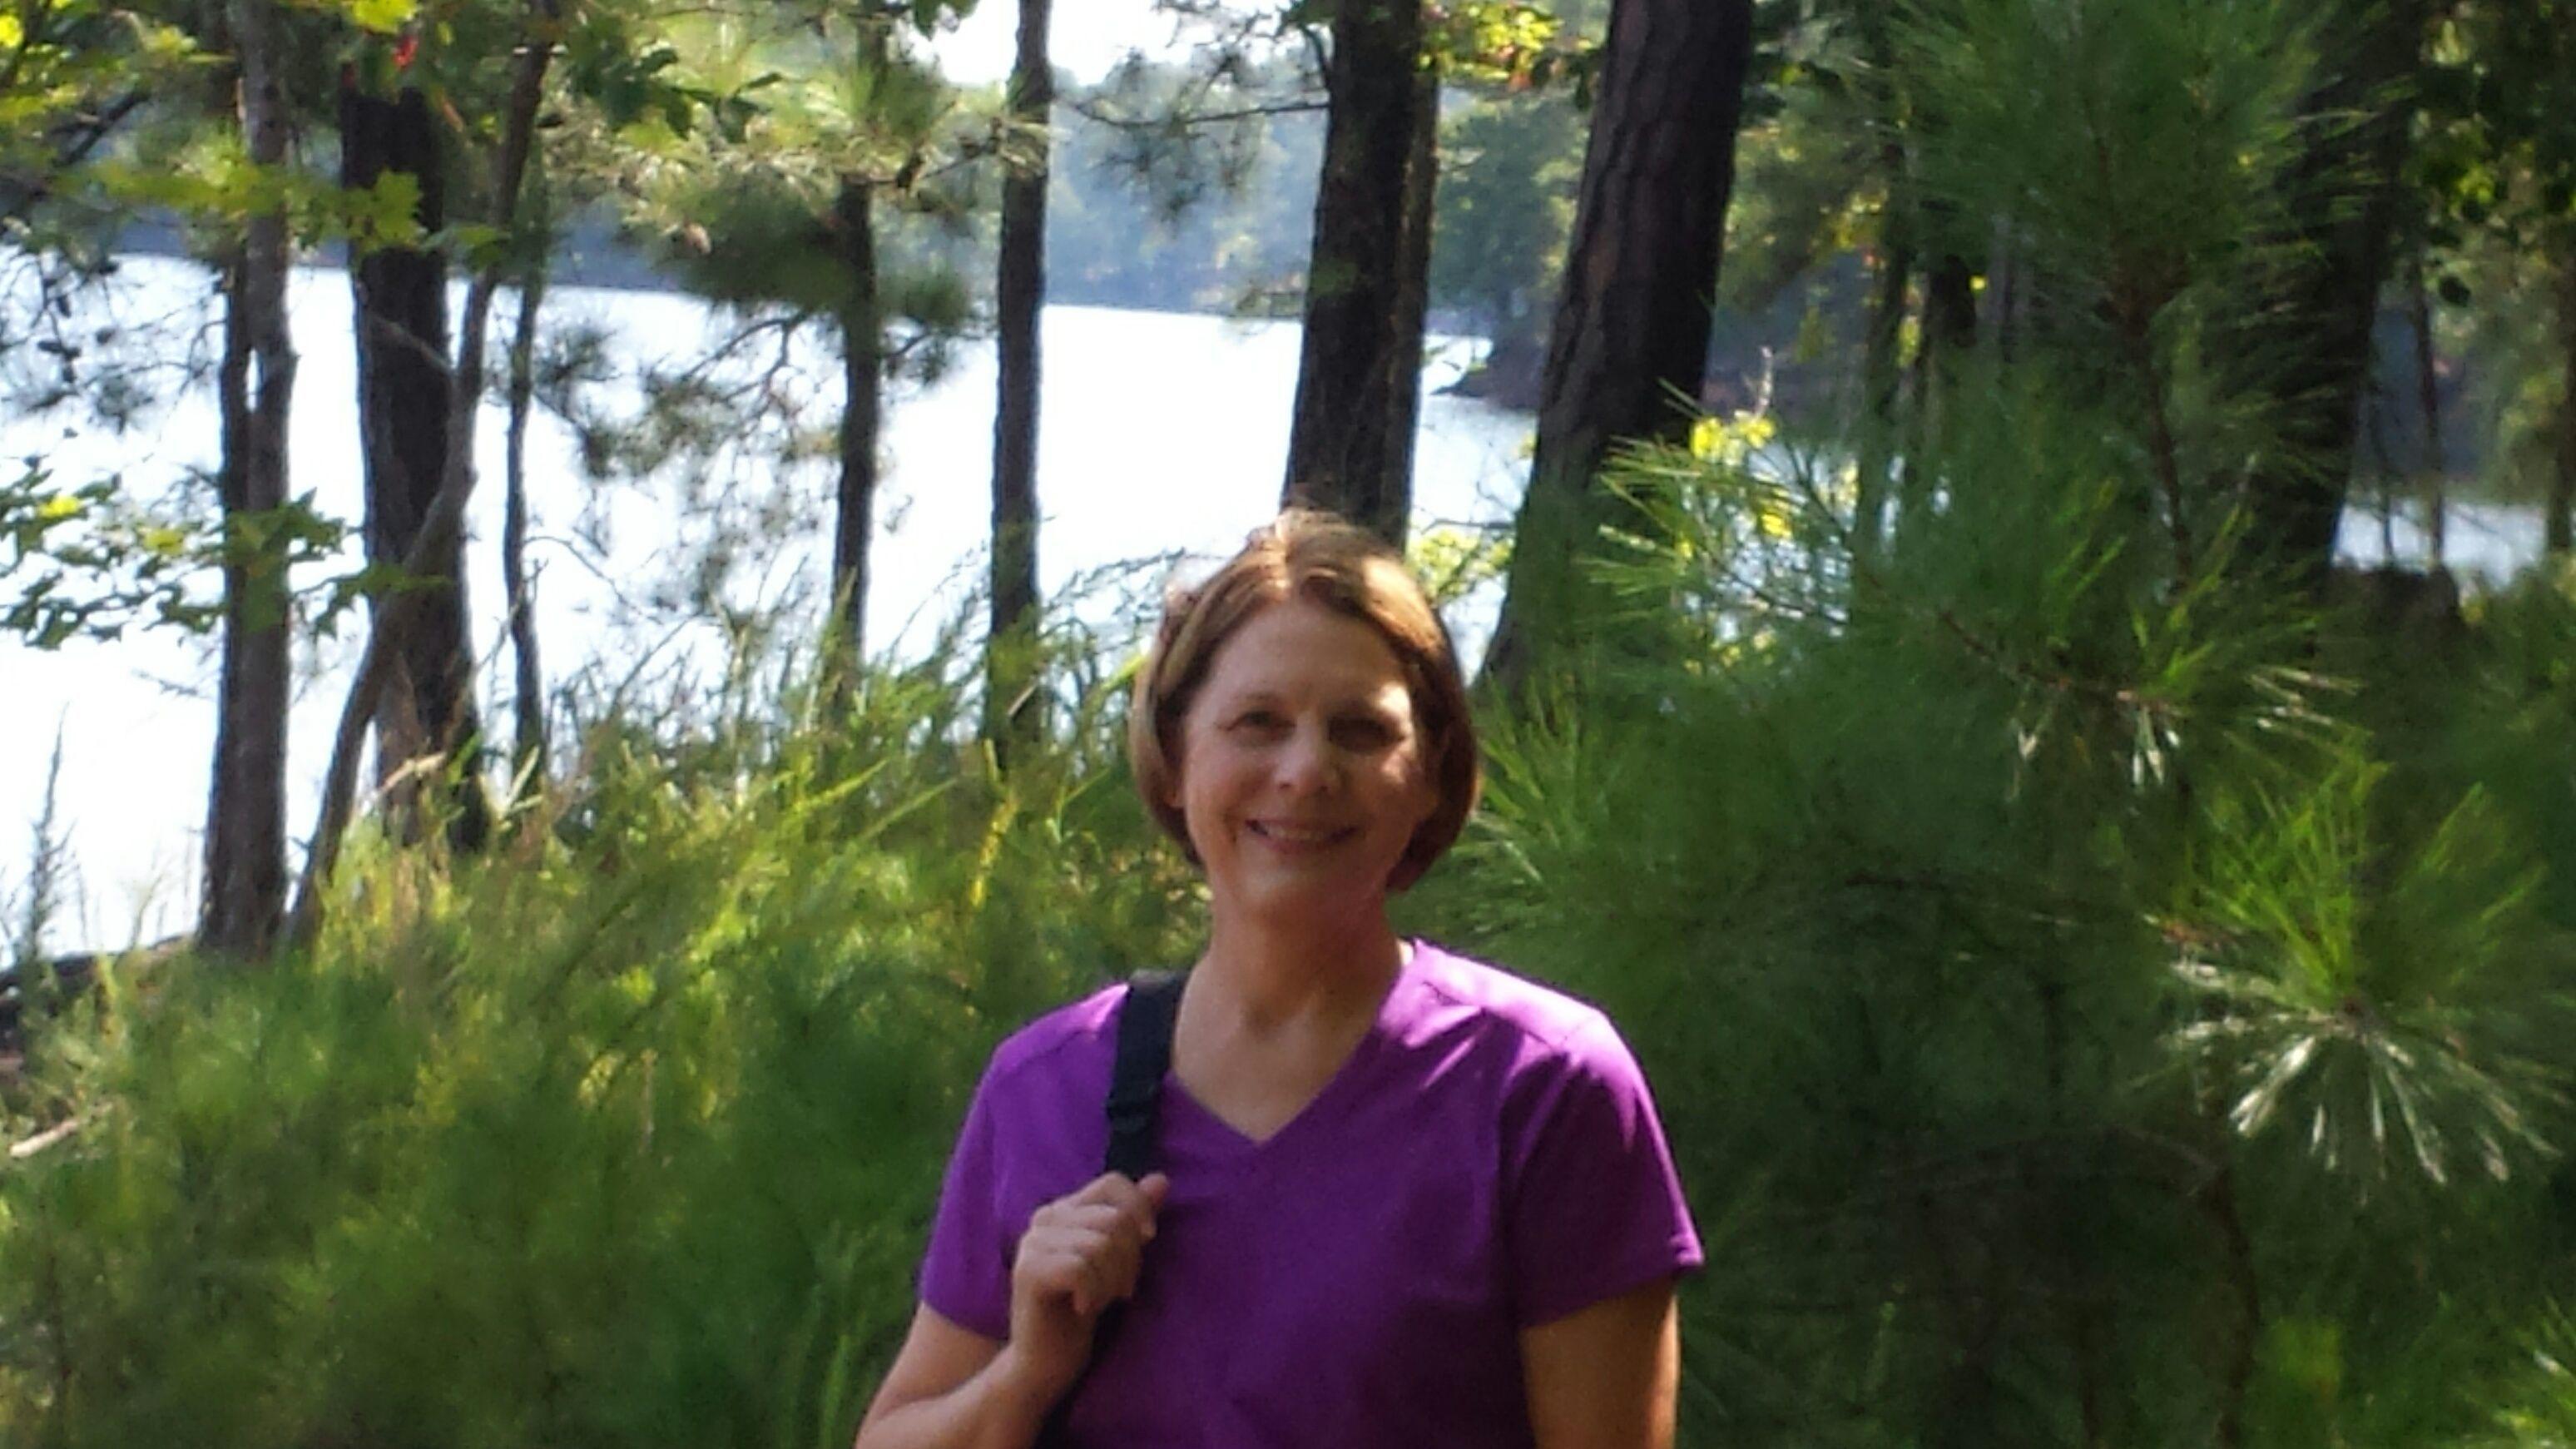 Singles outdoor adventures